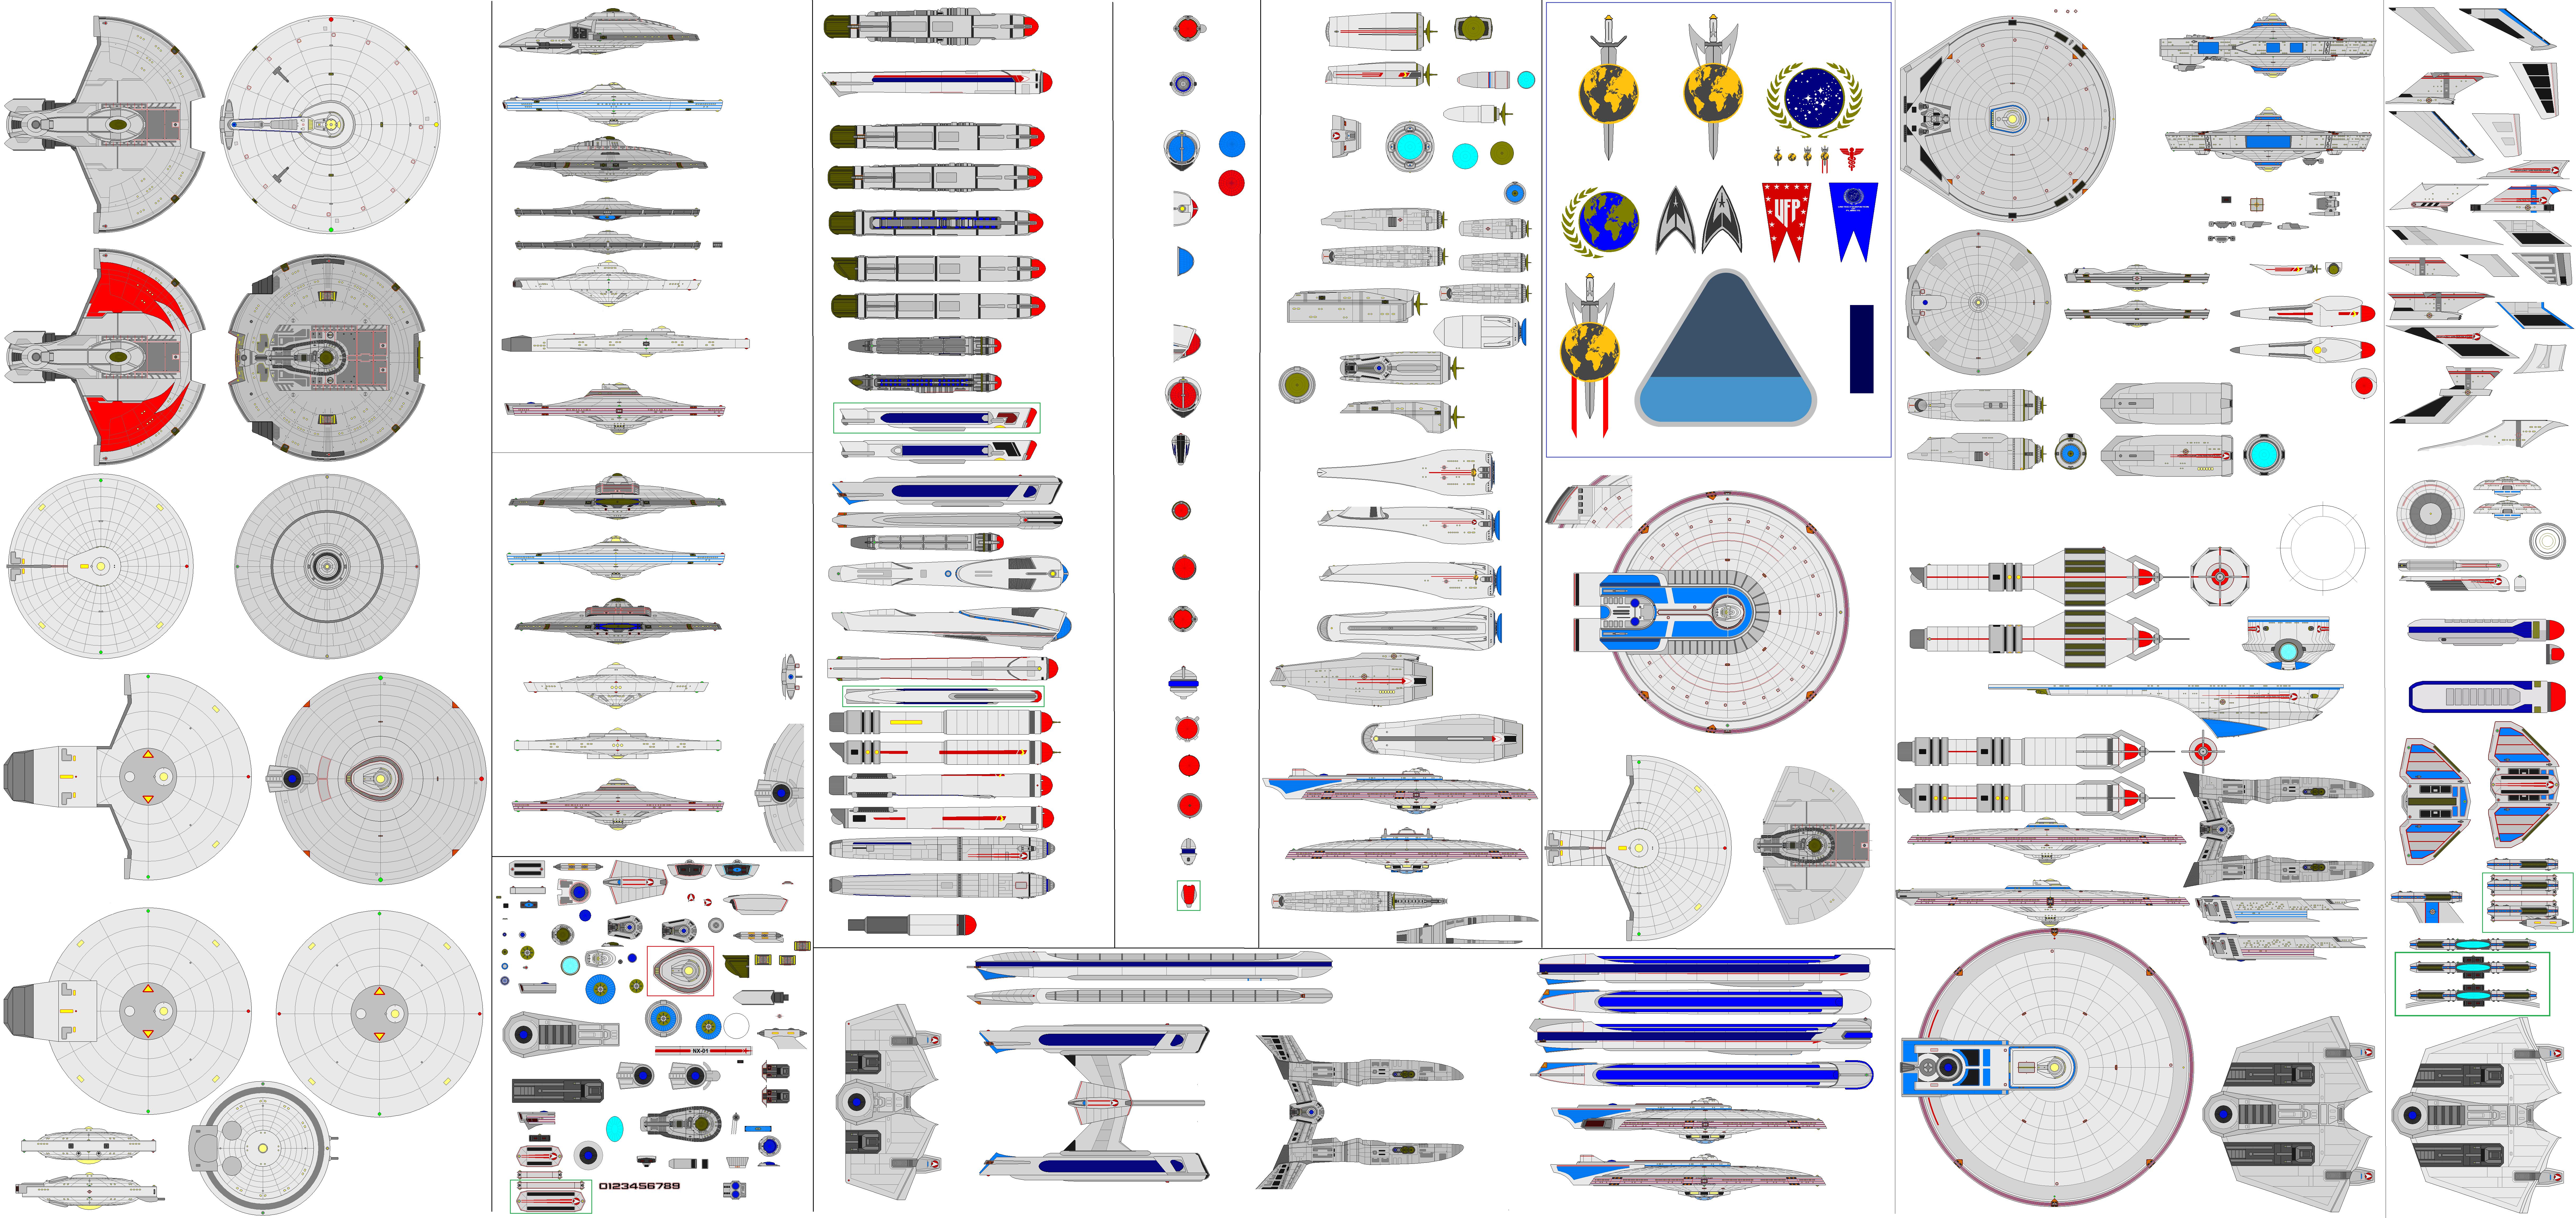 Star Trek Romulan Fulcrum ND1 Cruiser by LykanHybrid on